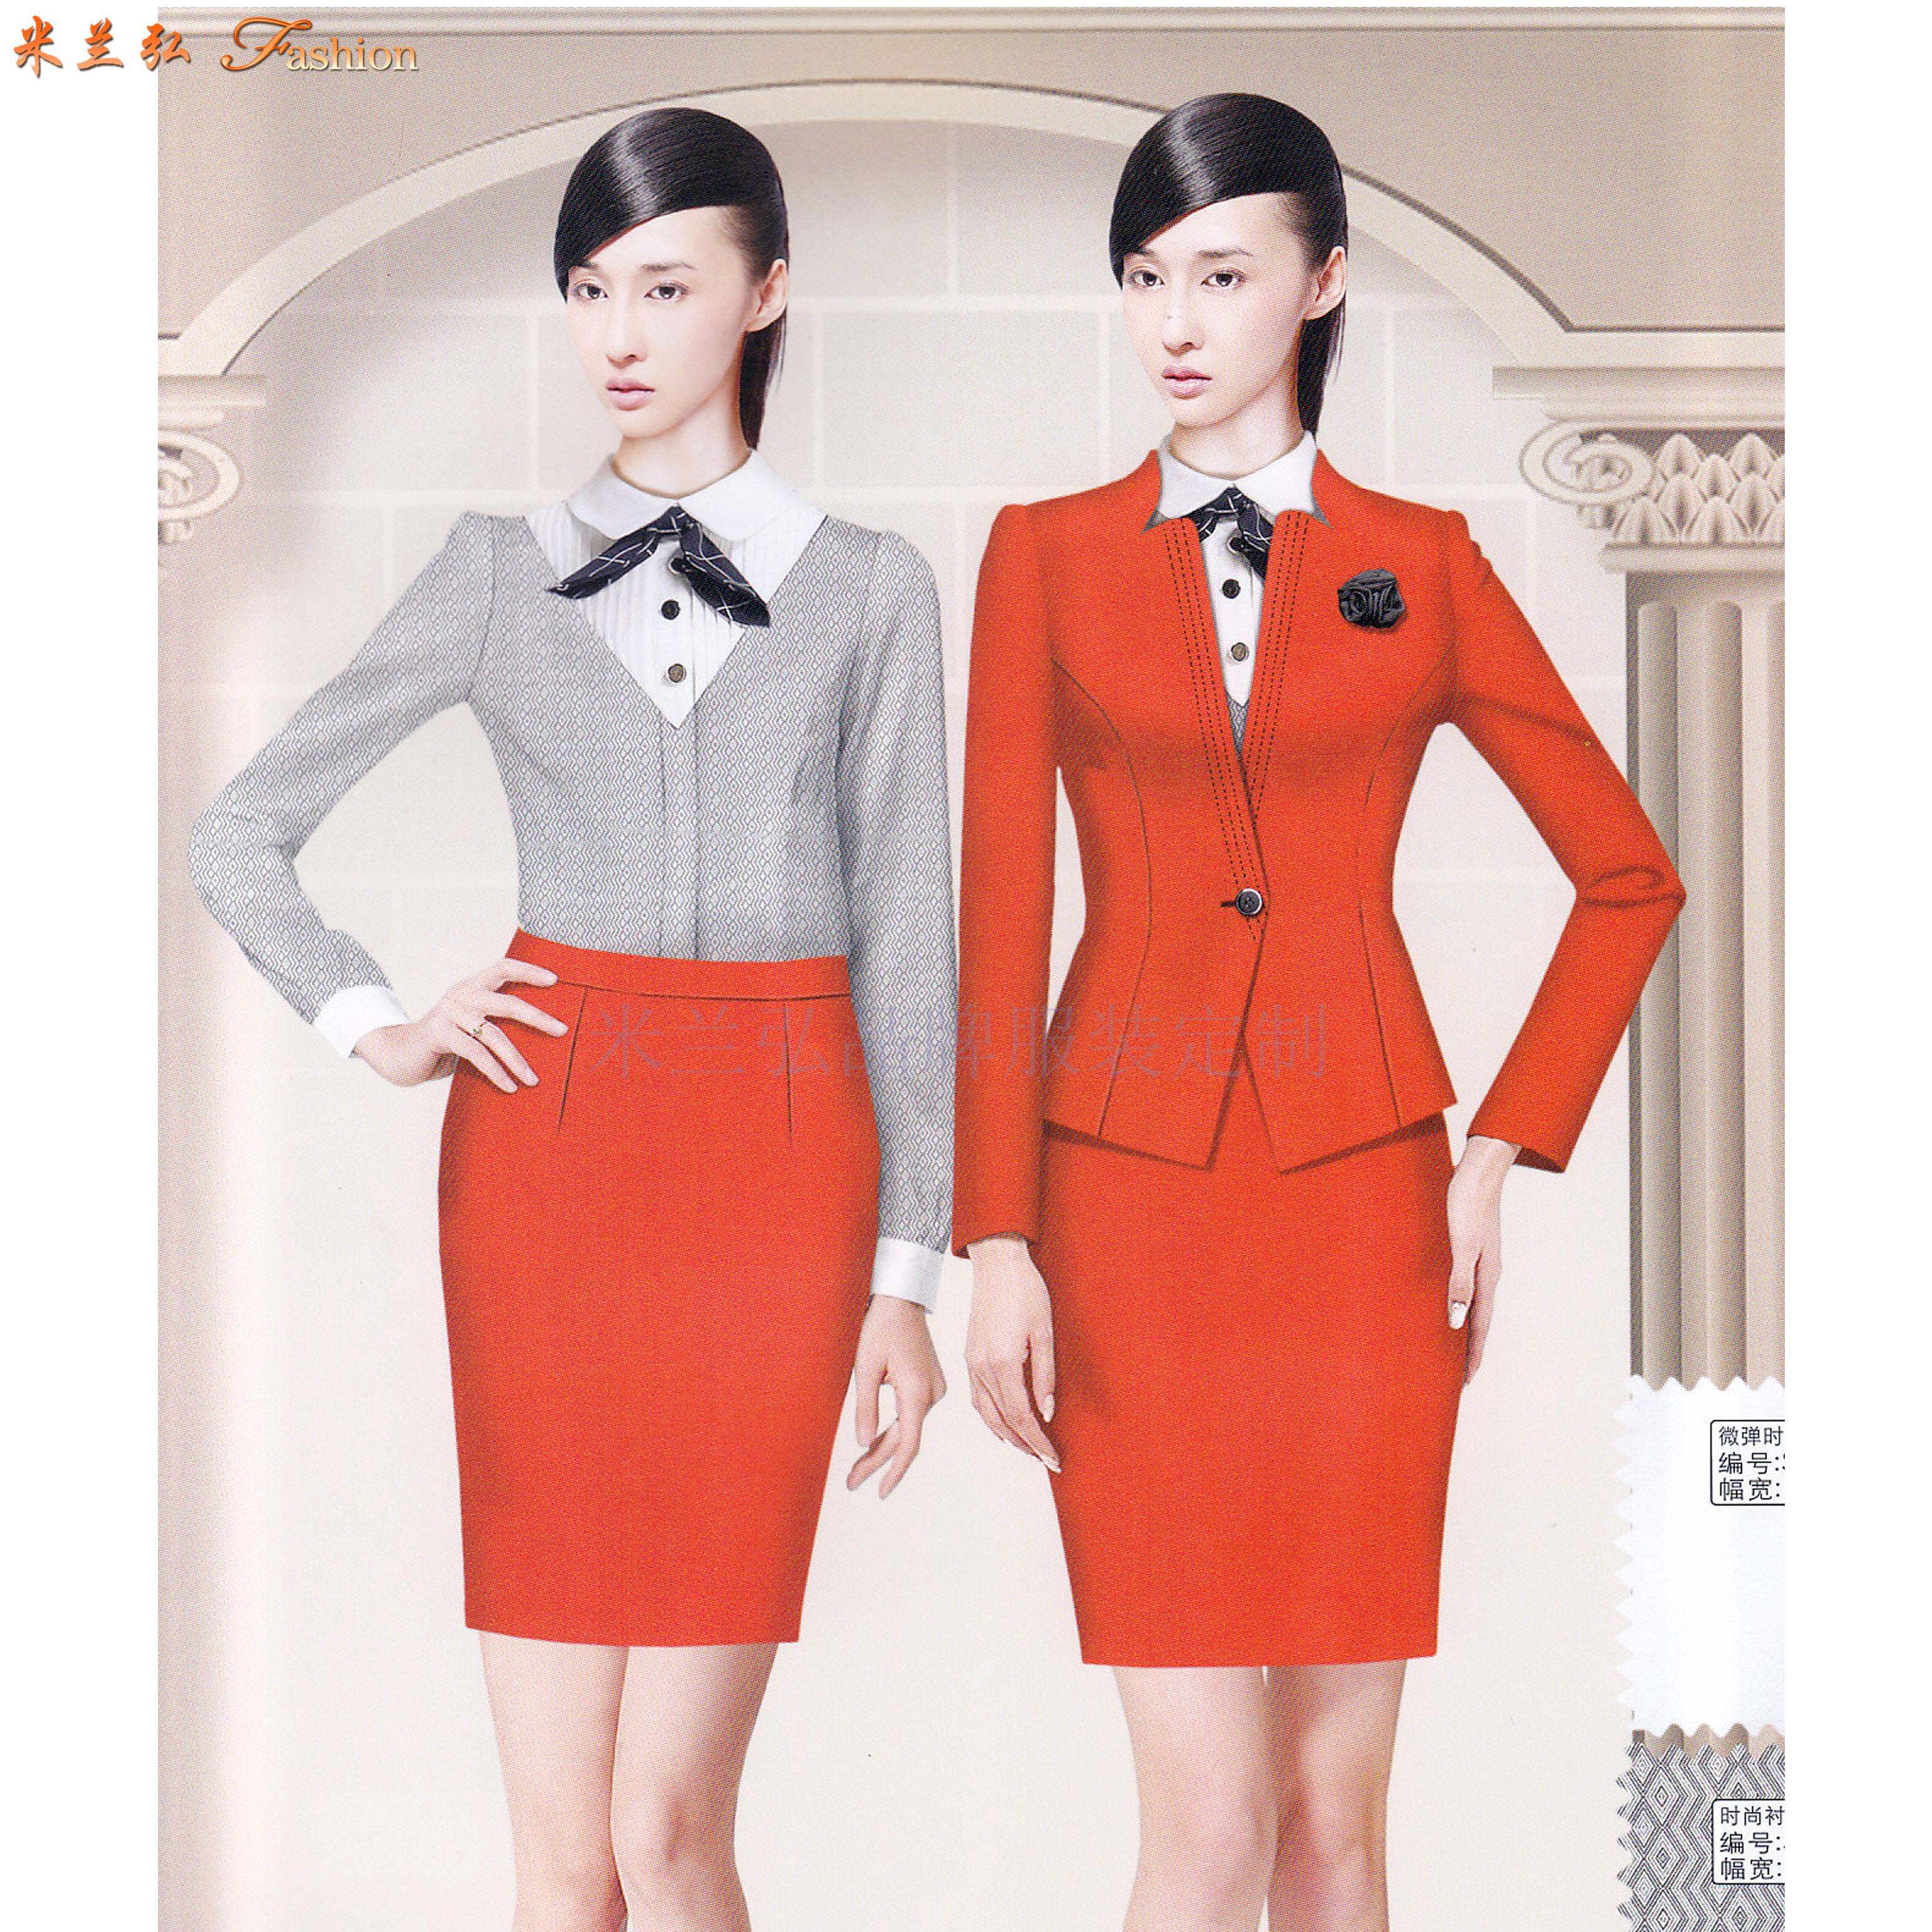 「太原高鐵服裝定制」「太原高鐵工服訂做」米蘭弘品牌服裝-4